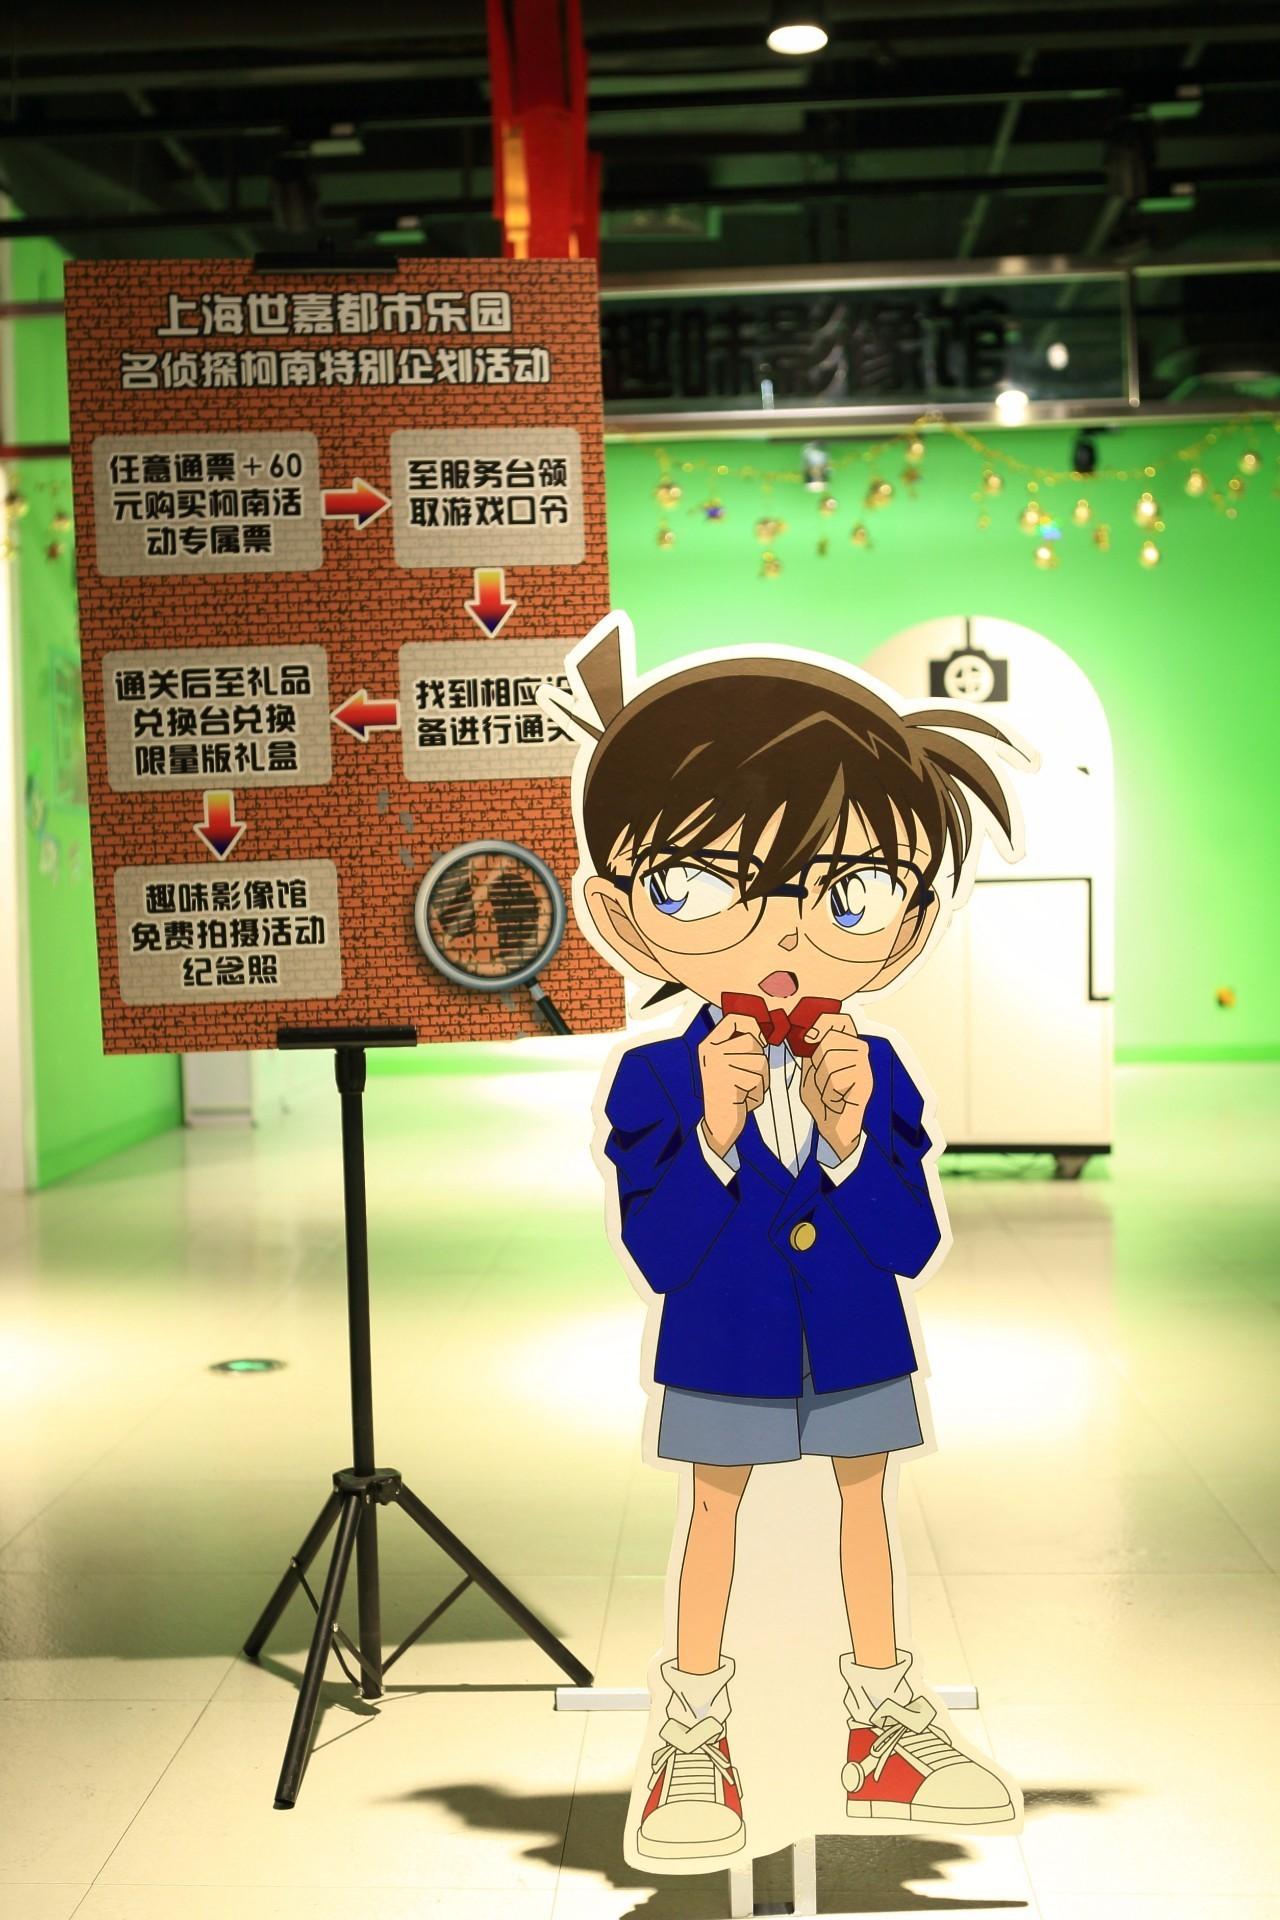 上海市儿童福利院_上海市职业介绍所_上海市侦探